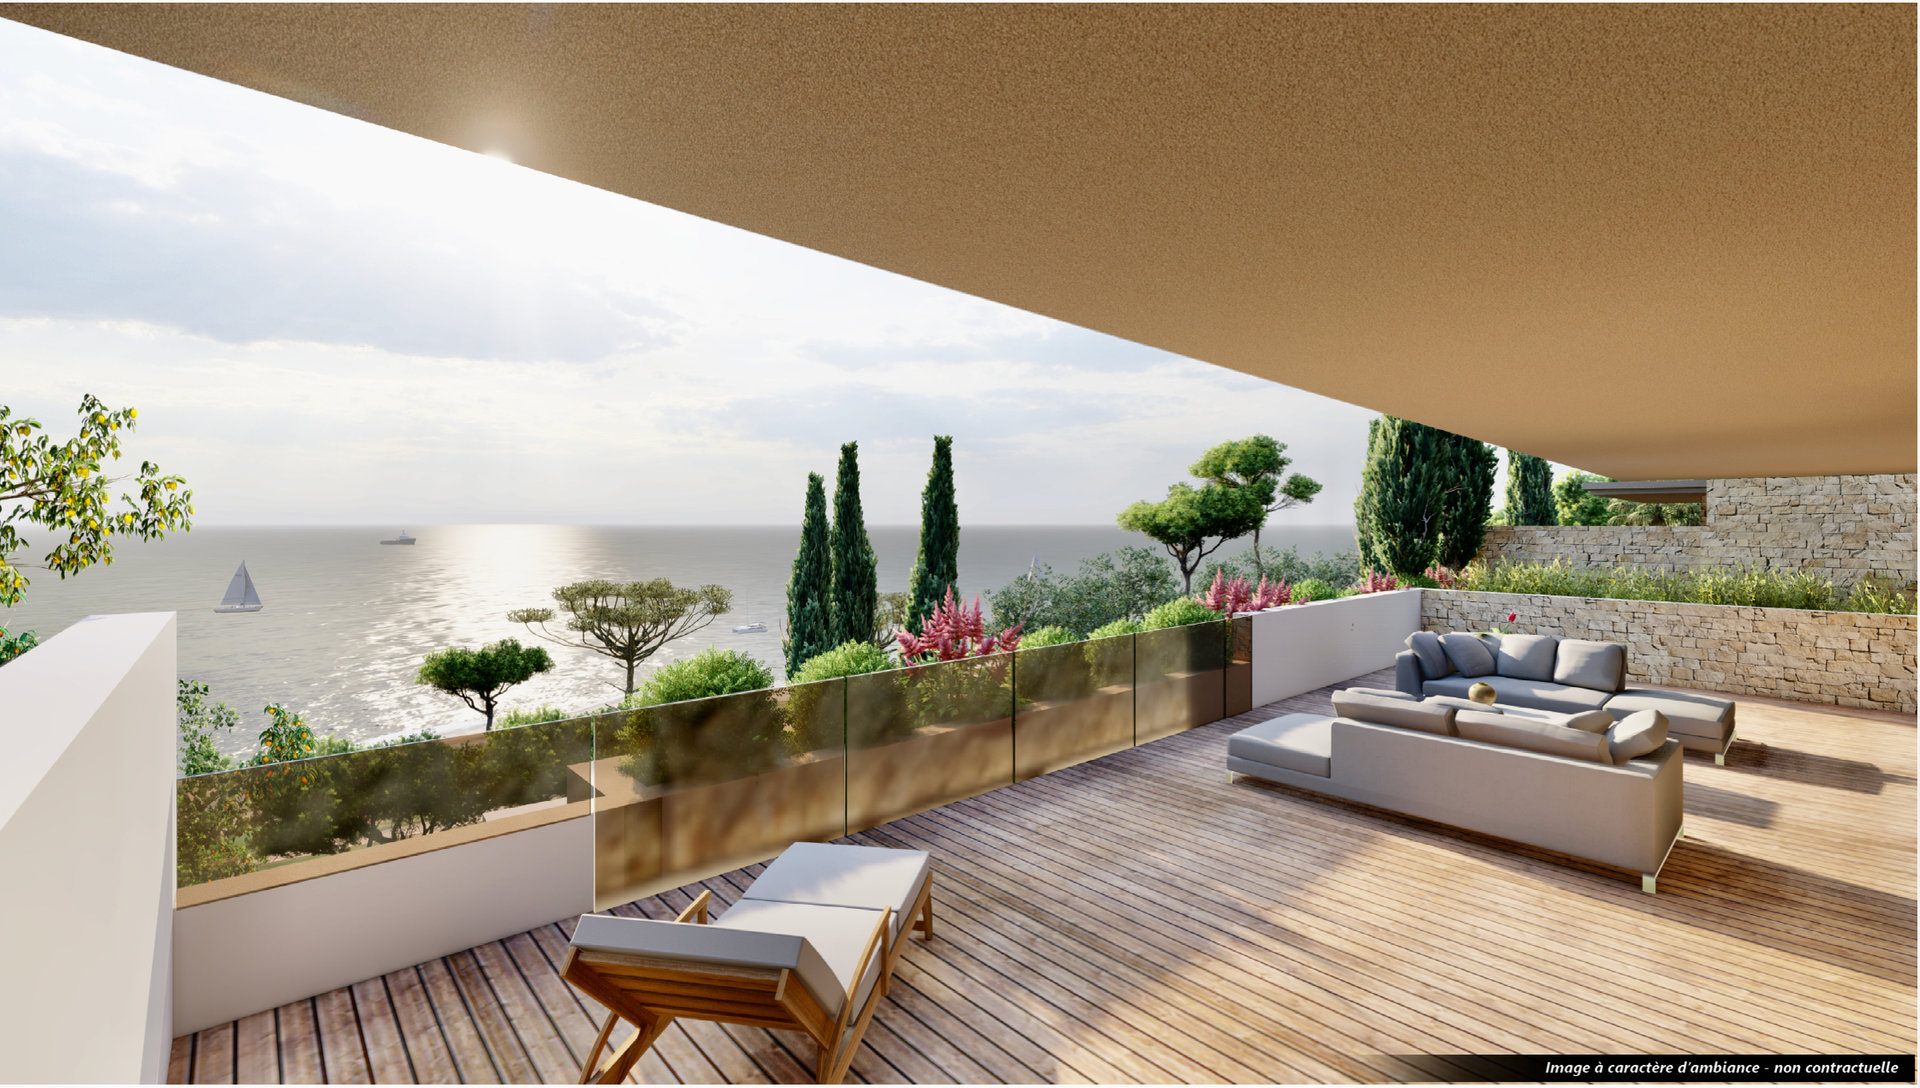 Les Issambres - appartement neuf luxueux de haut standing ( 96,2 m2) - avec une vue mer magnifique.